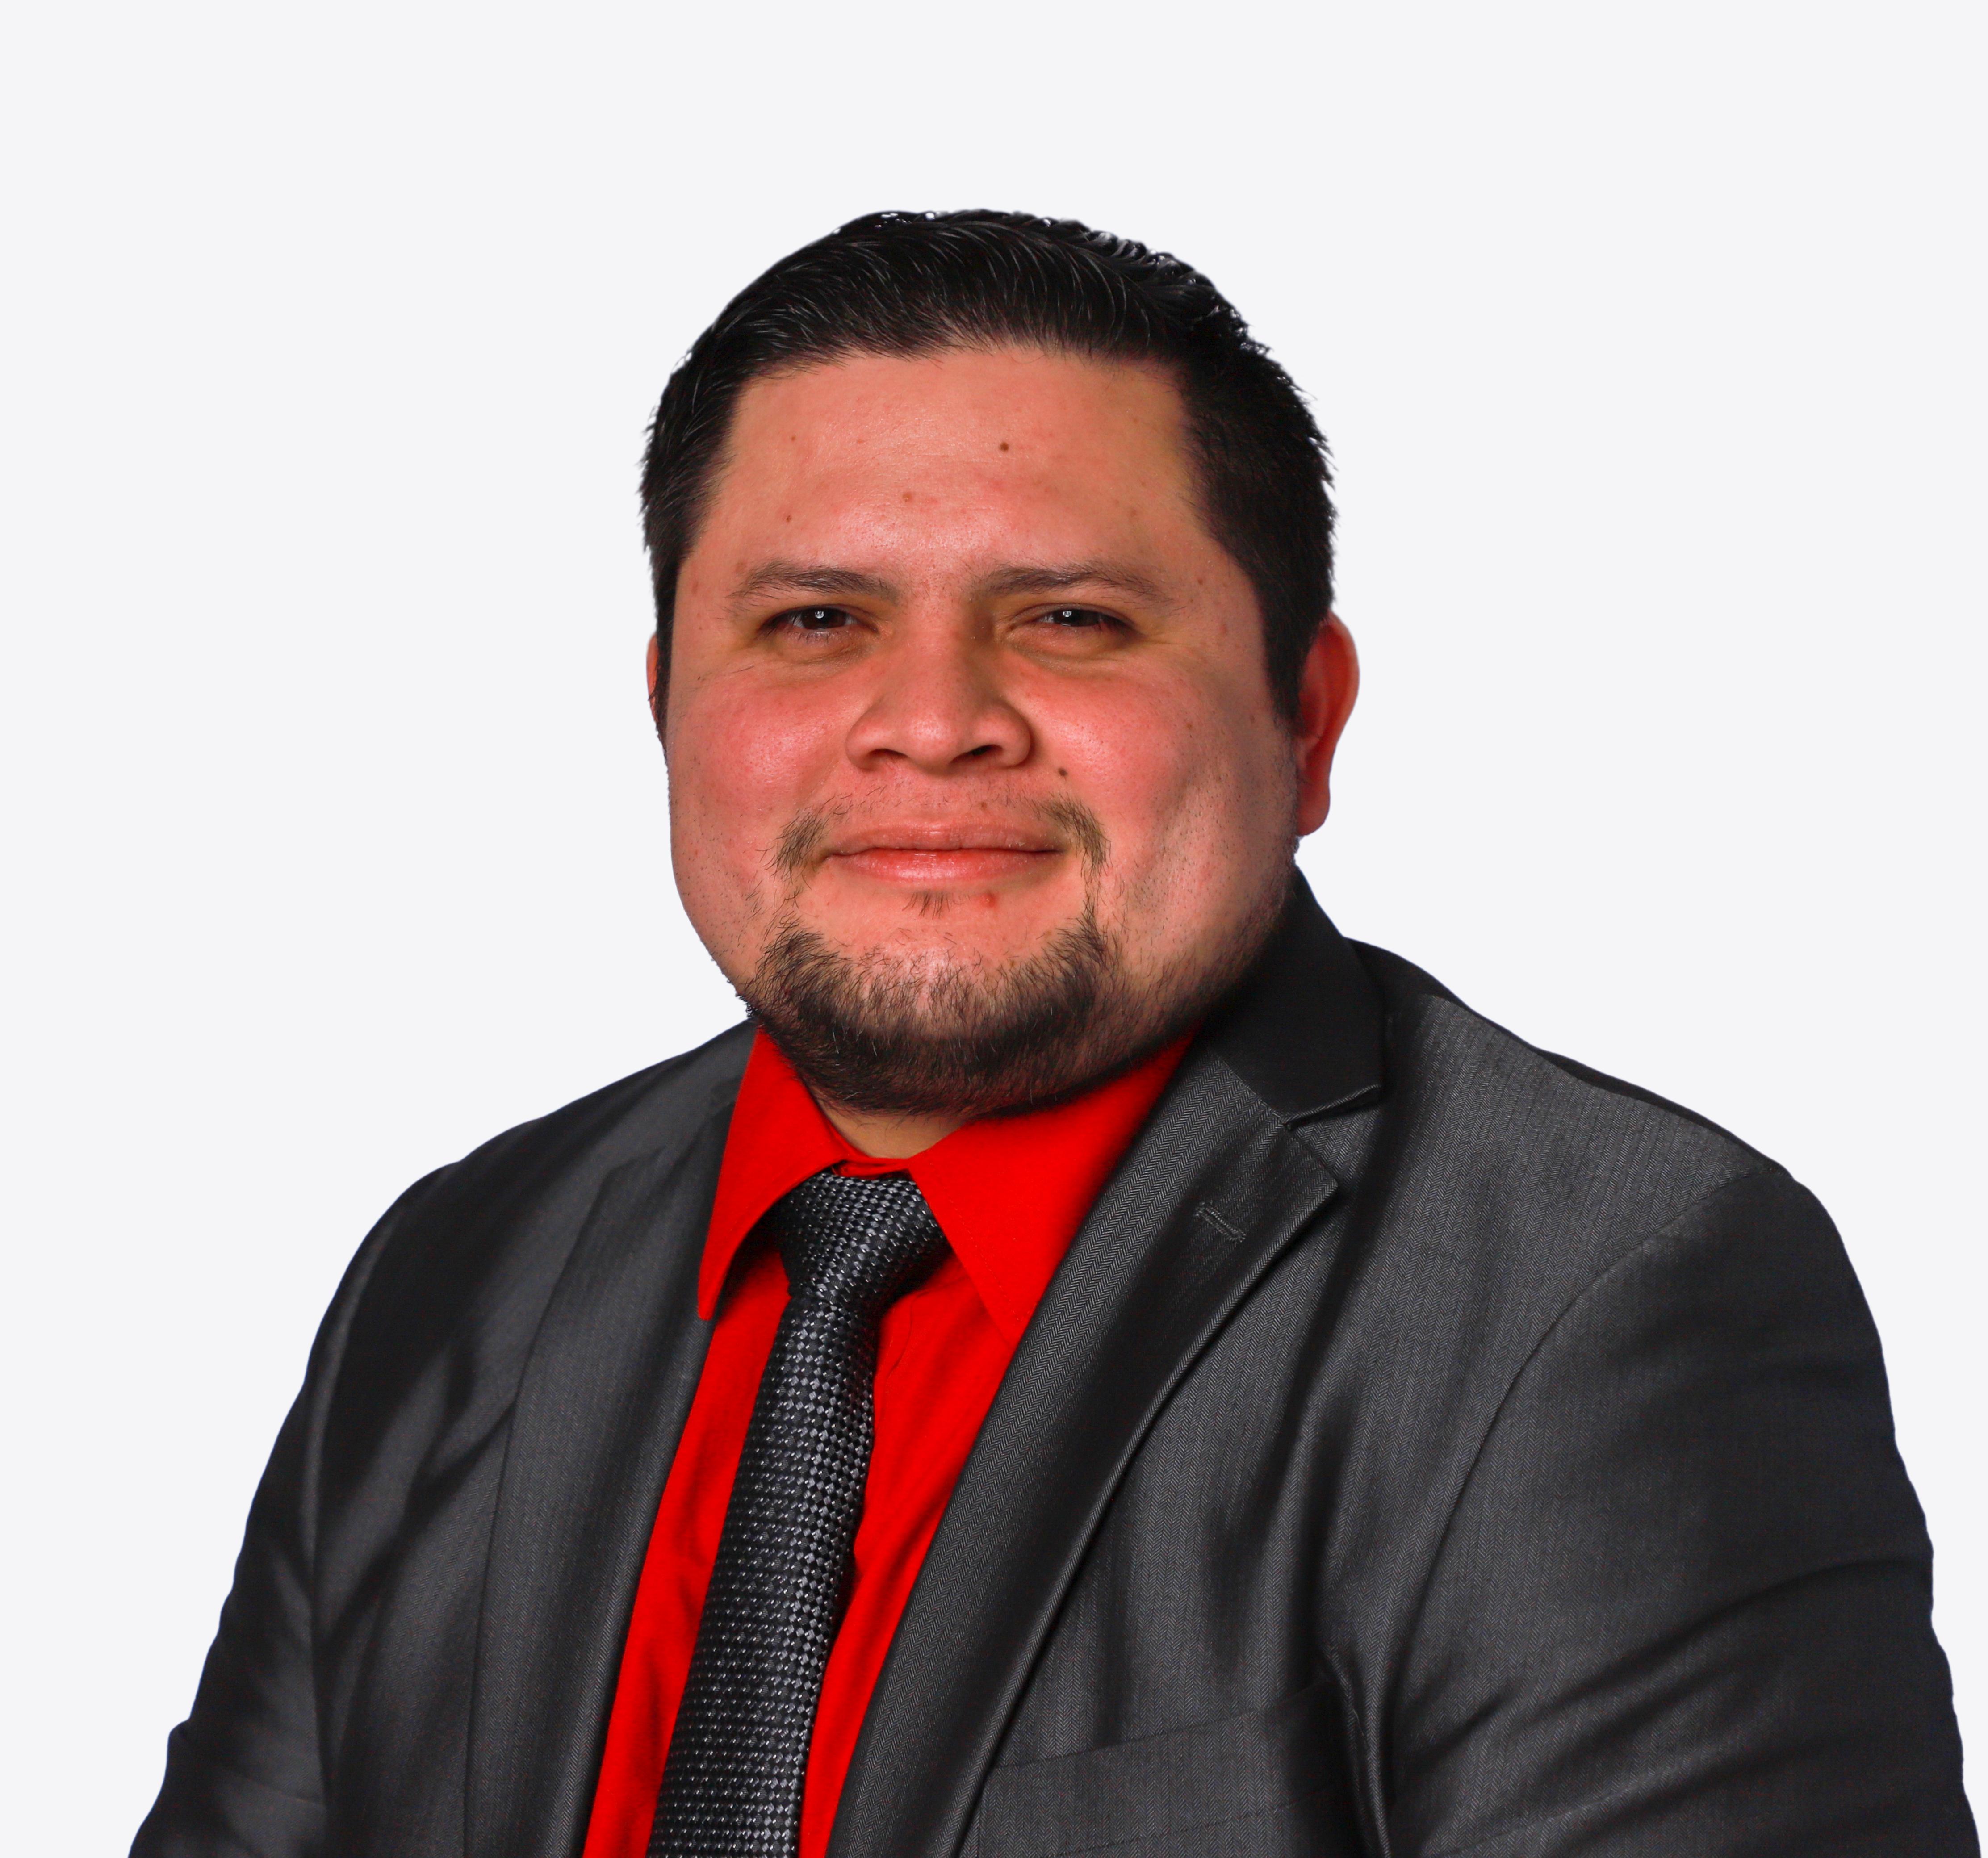 Freddy Quijano